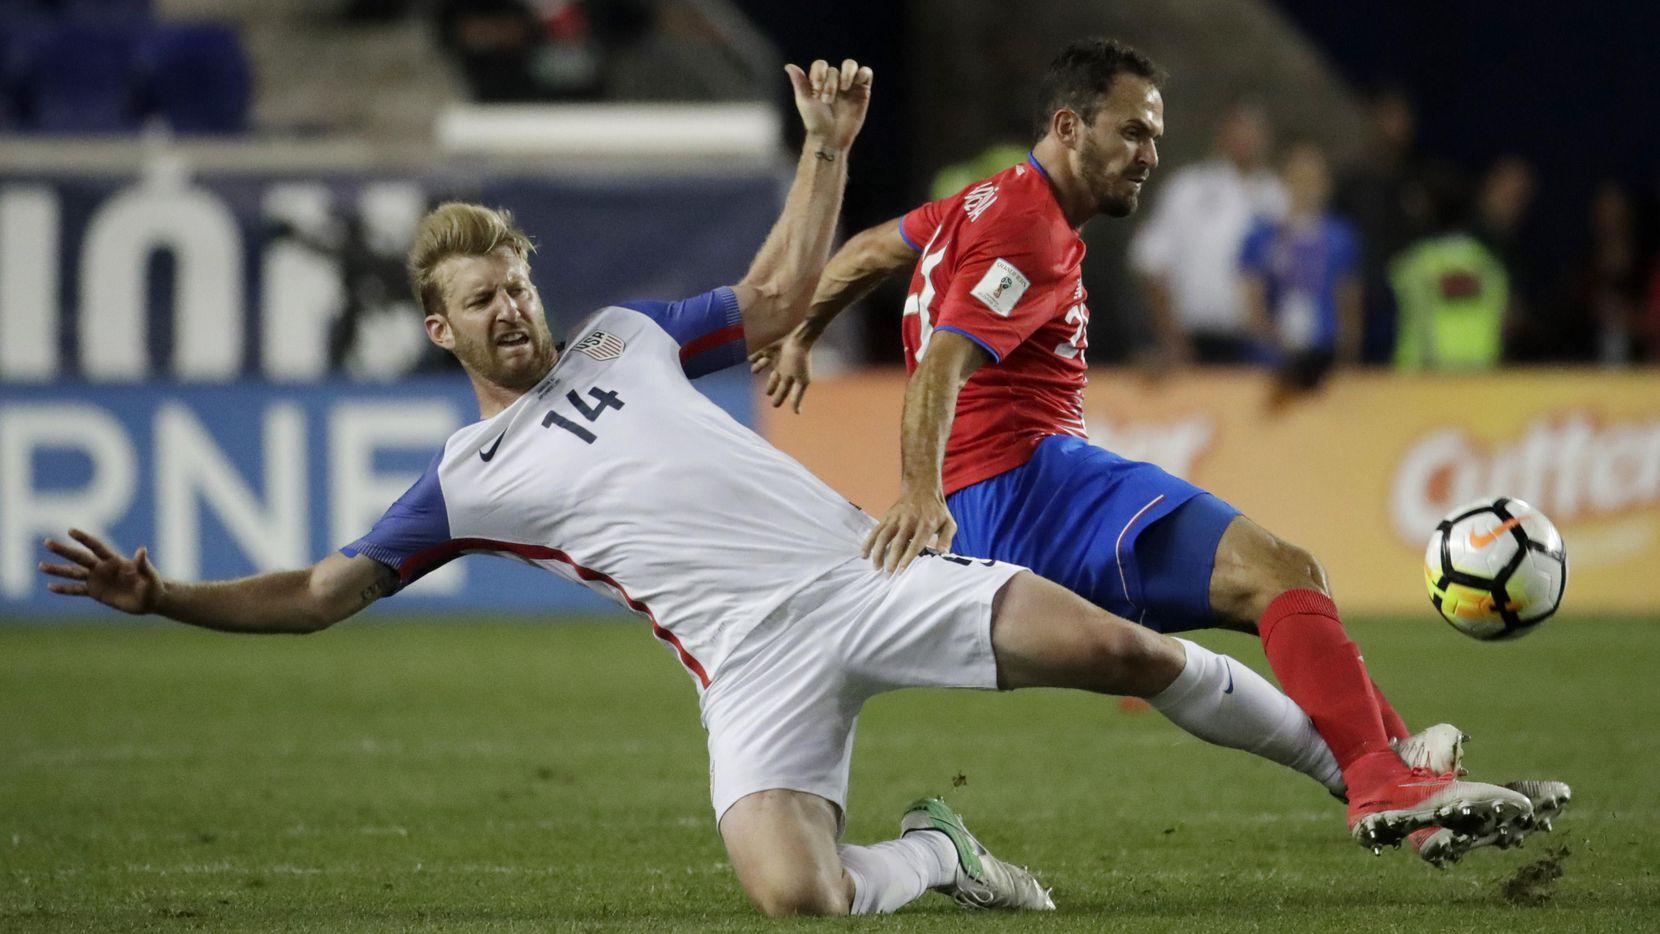 Tim ream, defensor de Estados Unidos, marca a Marco Urena, delantero de Costa Rica en el partido de eliminatoria el viernes en Harrison, N.J. (AP/JULIO CORTEZ)